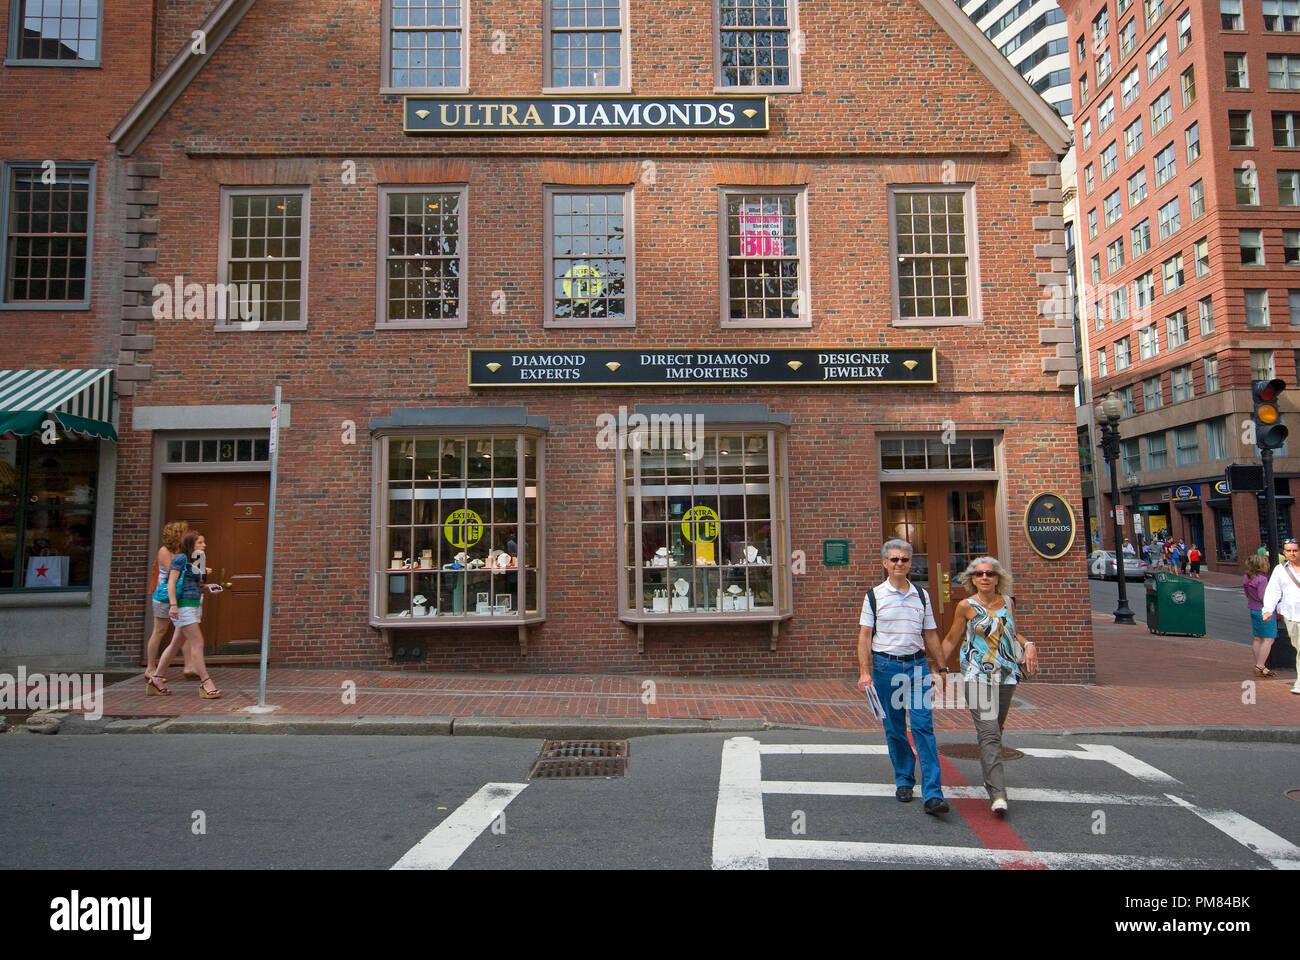 Ultra Diamonds Shop at Old Corner Bookstore, Boston, Suffolk County,  Massachusetts, USA - Stock Image